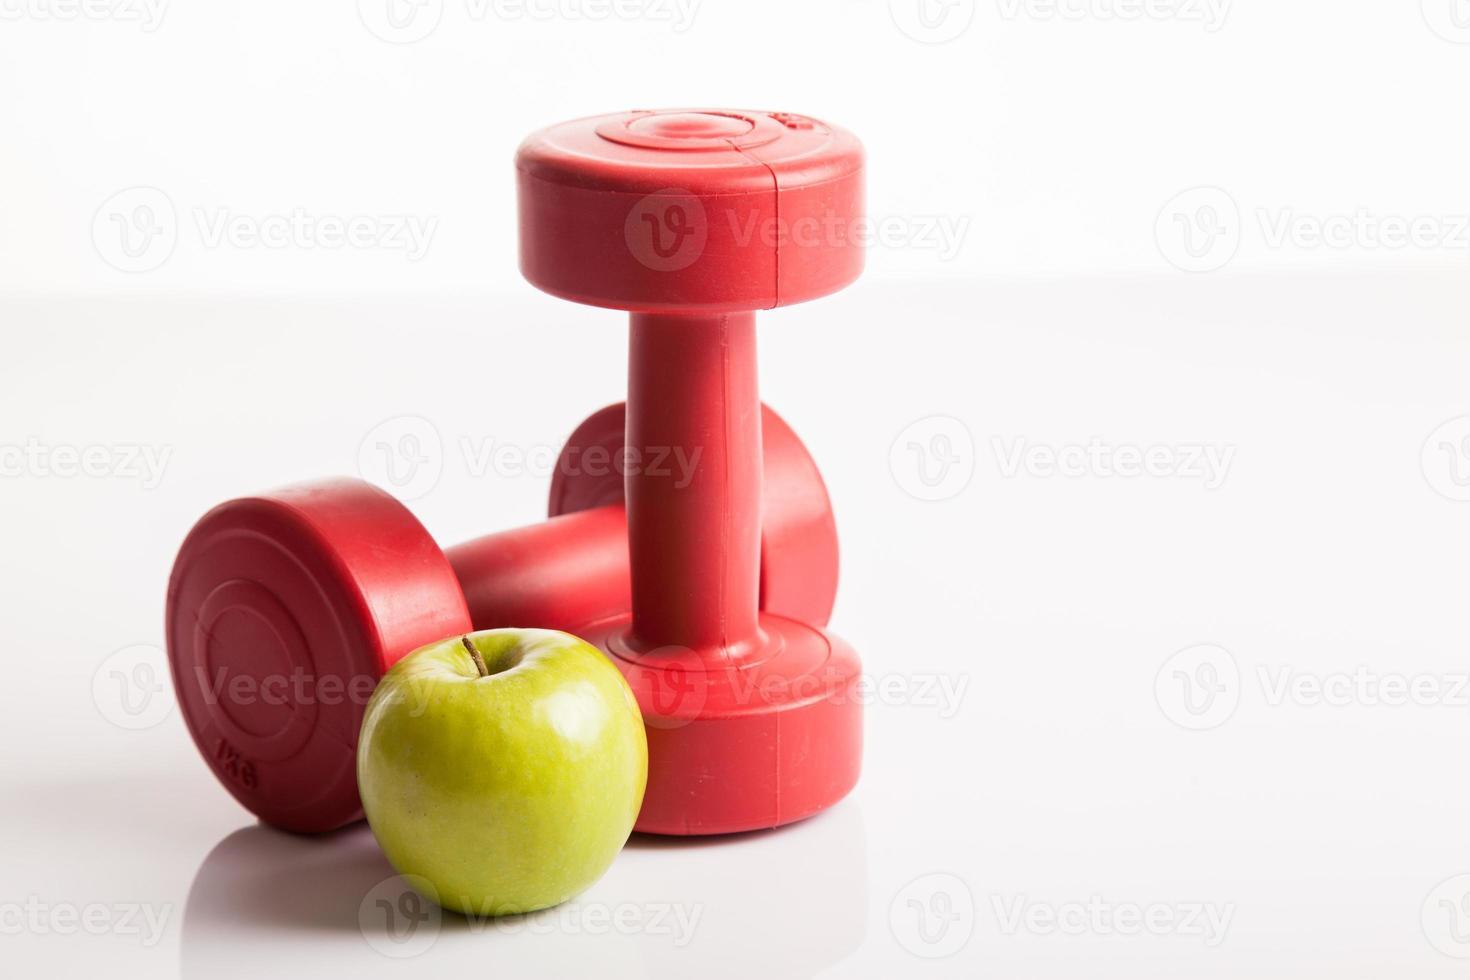 haltères rouges poids avec pomme verte photo